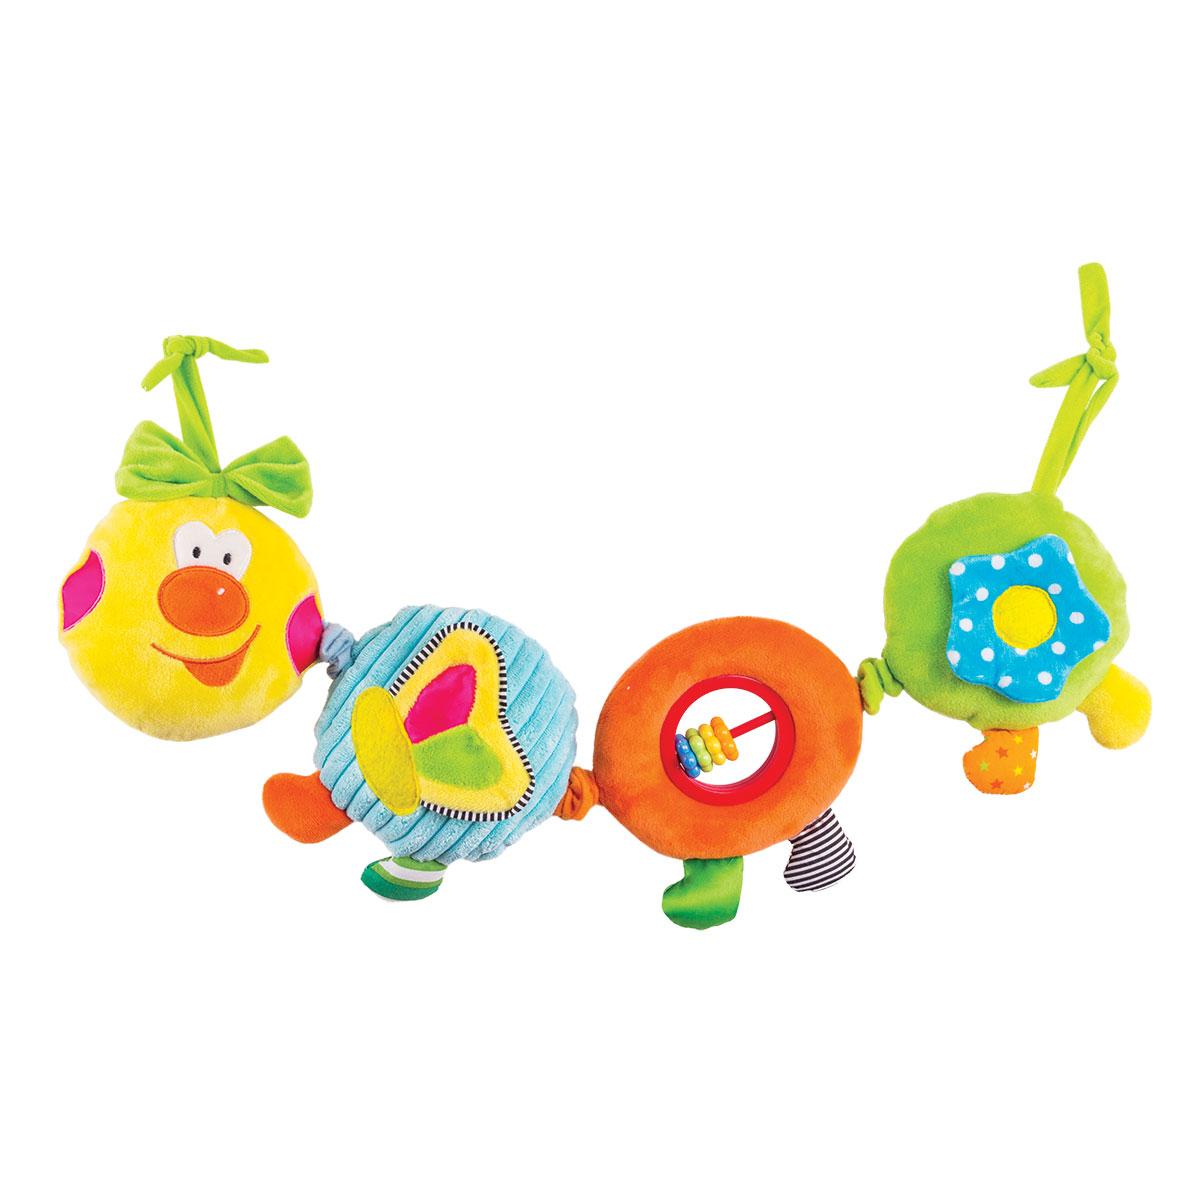 Happy Snail Игрушка-подвеска Веселая гусеница Камилла игрушка трансформер happy baby гусеница